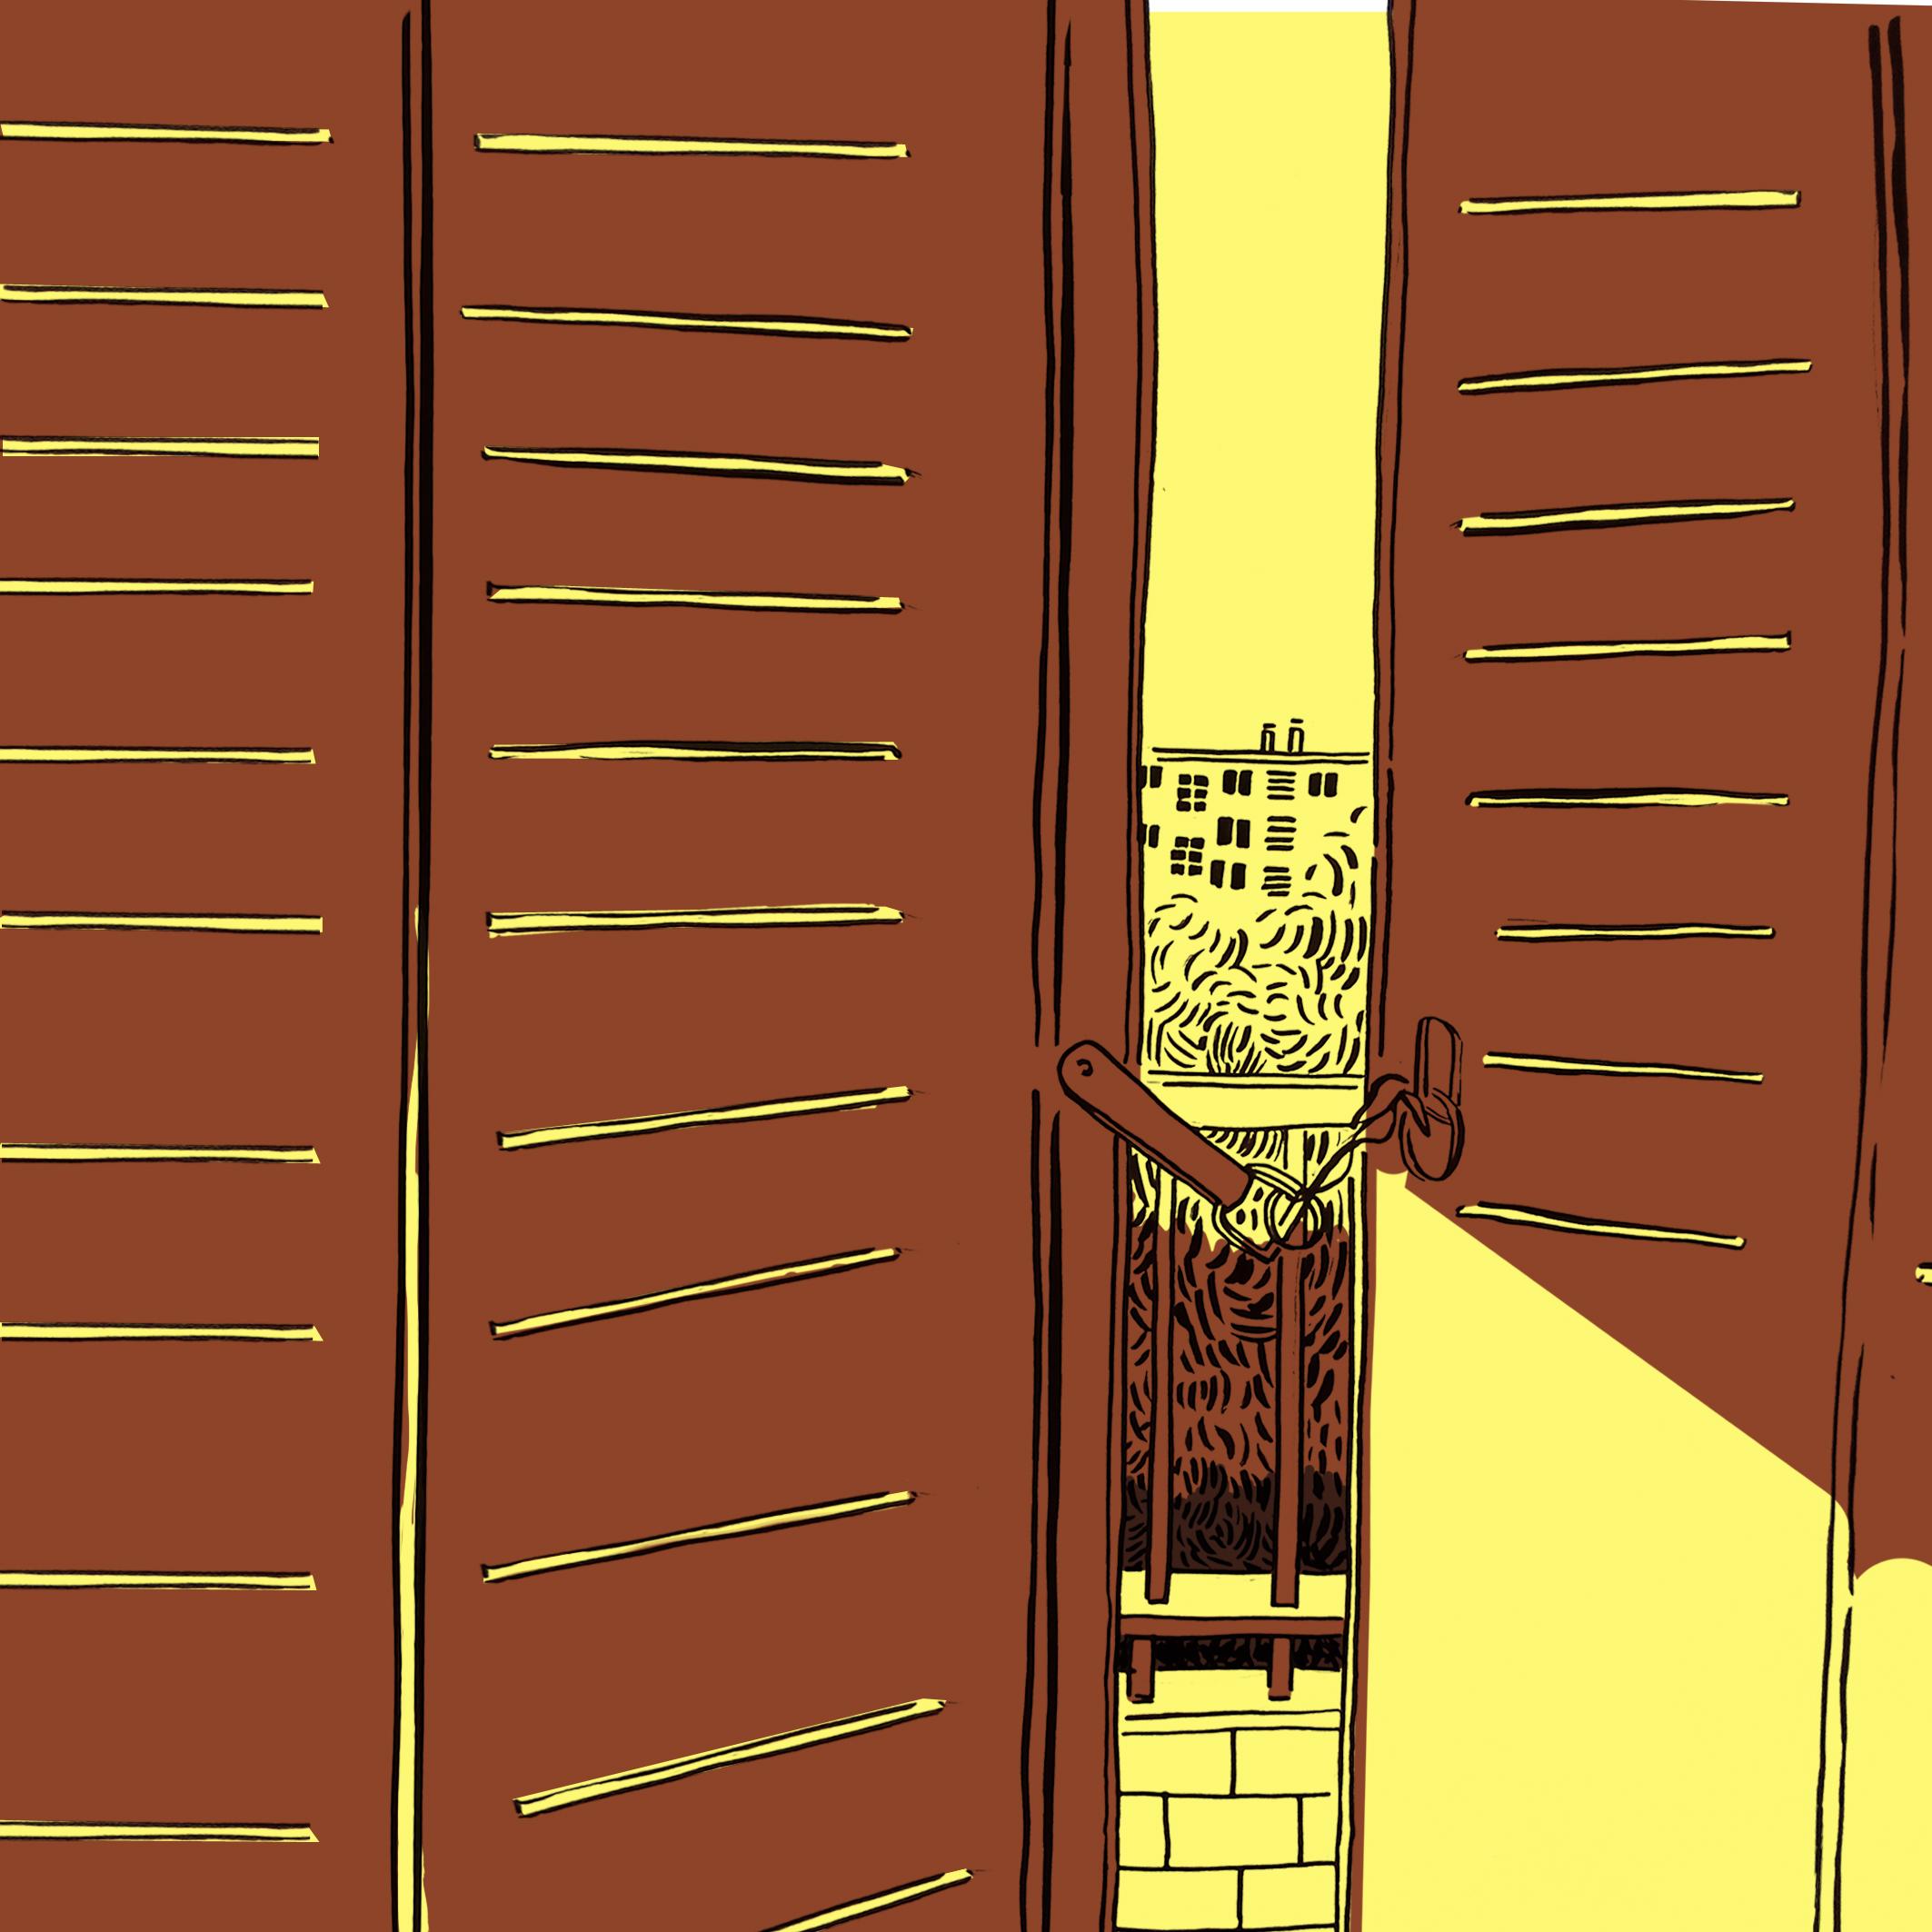 Illustration représentant un volet semi-ouvert donnant sur la ville baignée de soleil et de chaleur